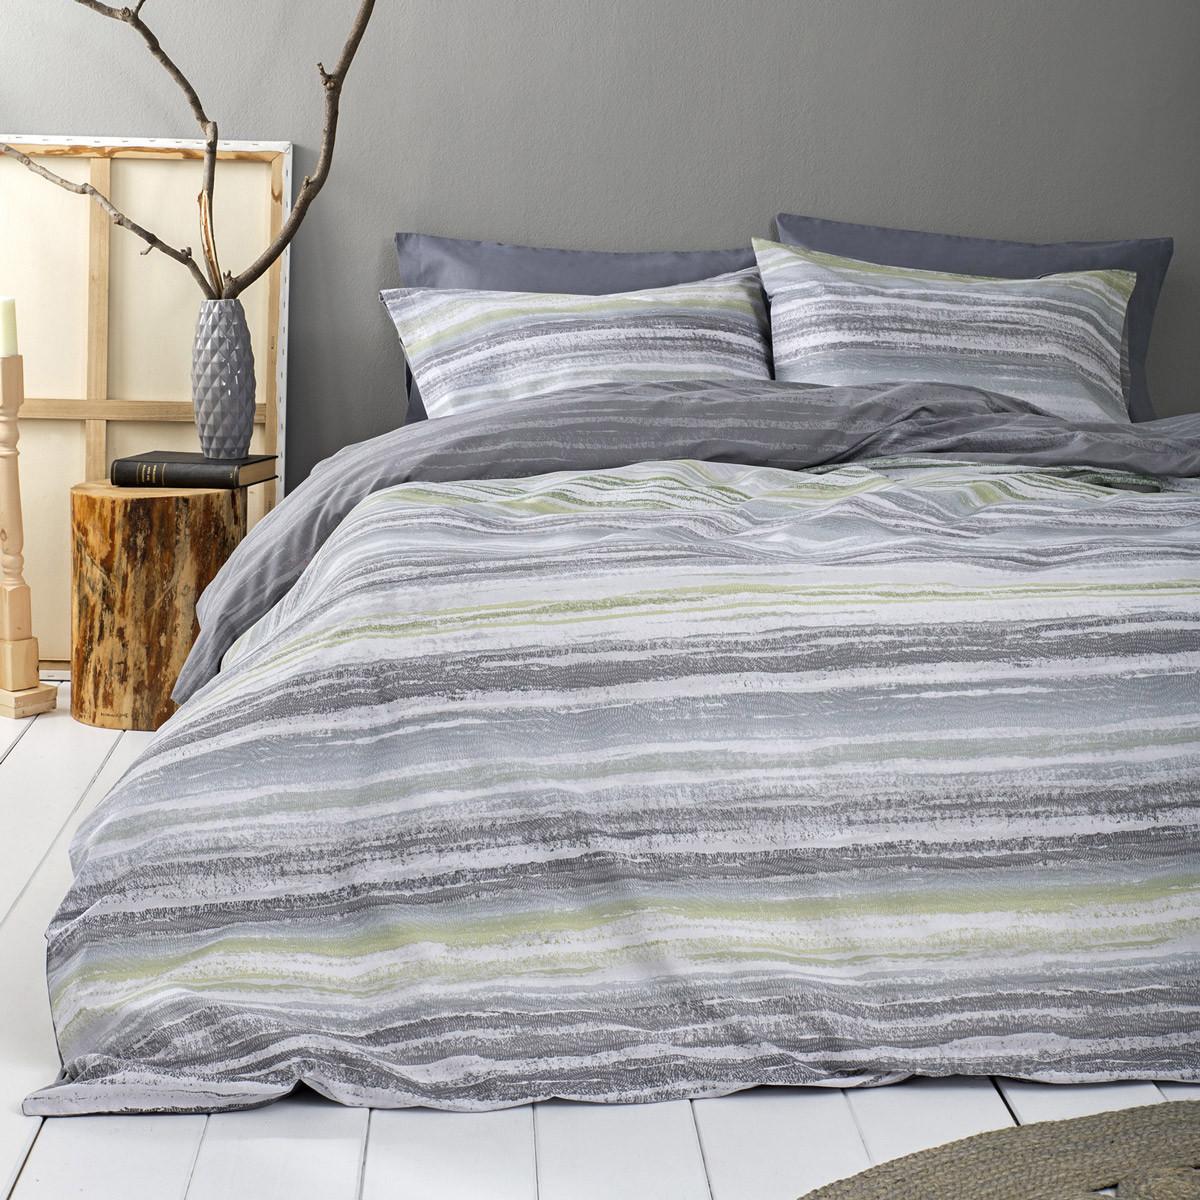 Παπλωματοθήκη Υπέρδιπλη (Σετ) Nima Bed Linen Softwood Green